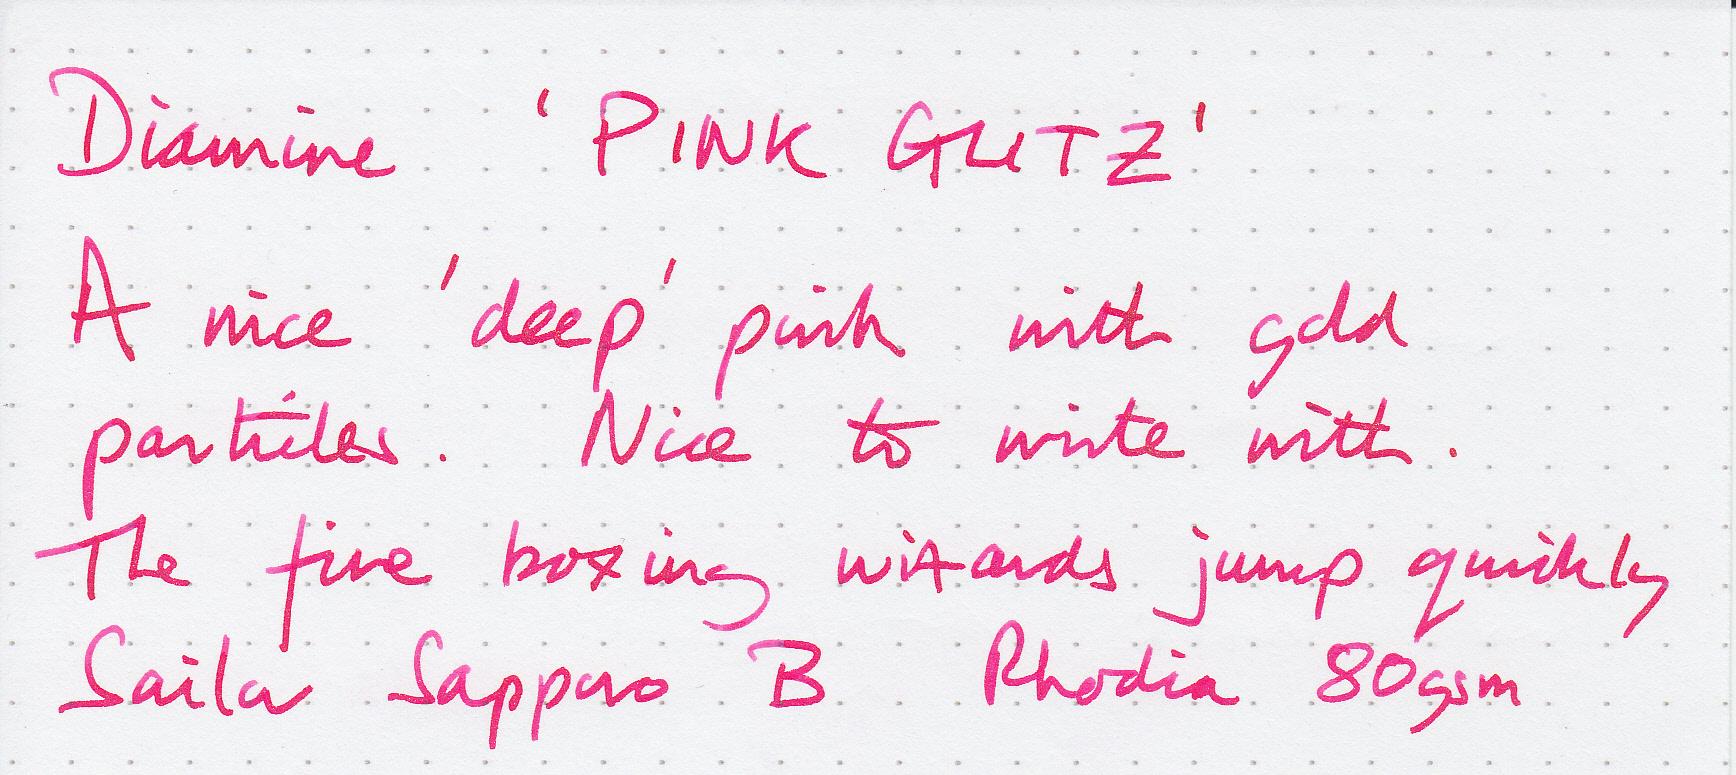 fpn_1475100311__pink_glitz-shimmer_2_gol